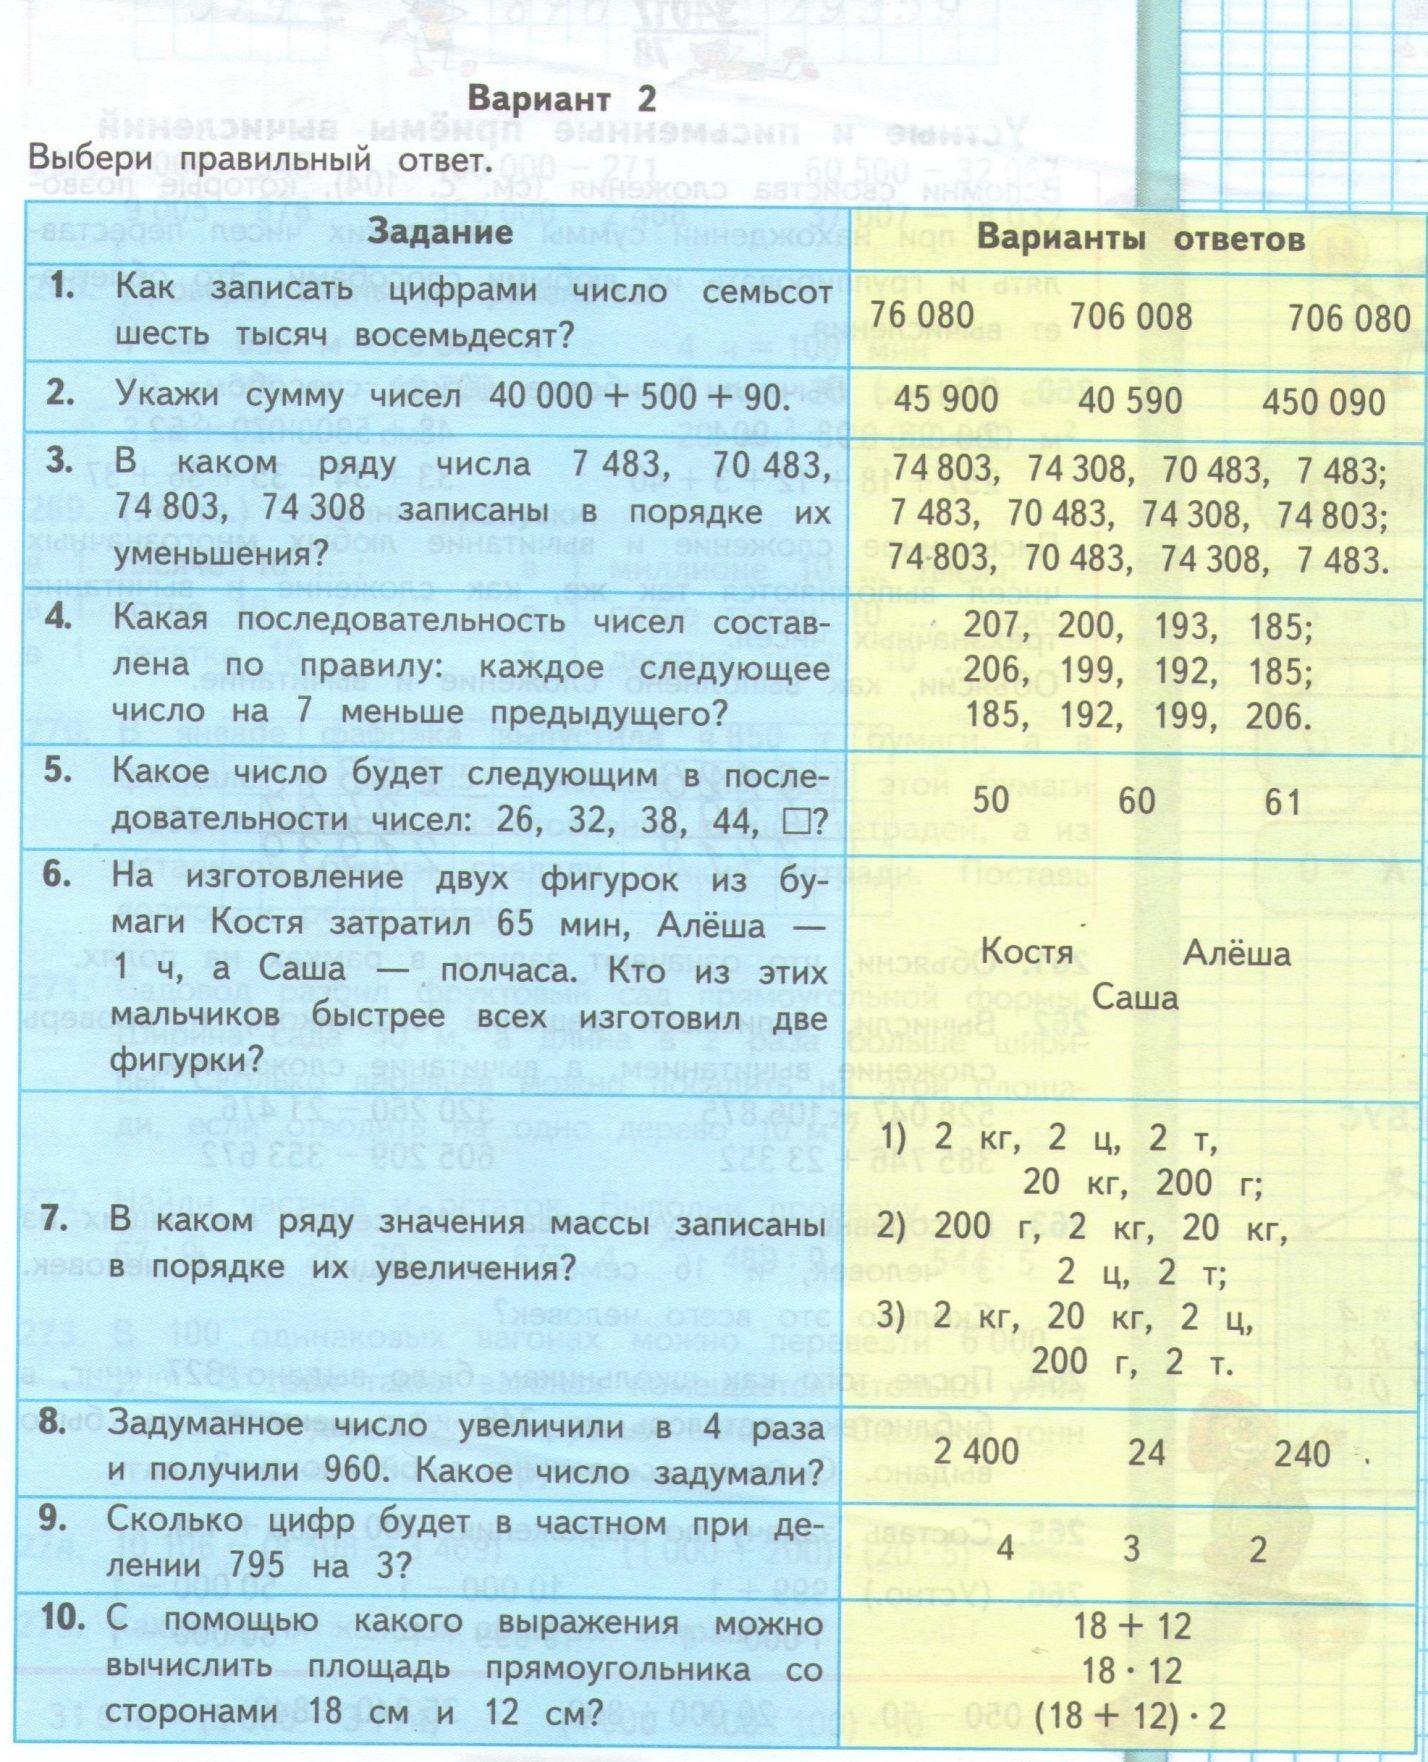 Гдз по экономике рабочая тетрадь 3 савицкая 11 класс